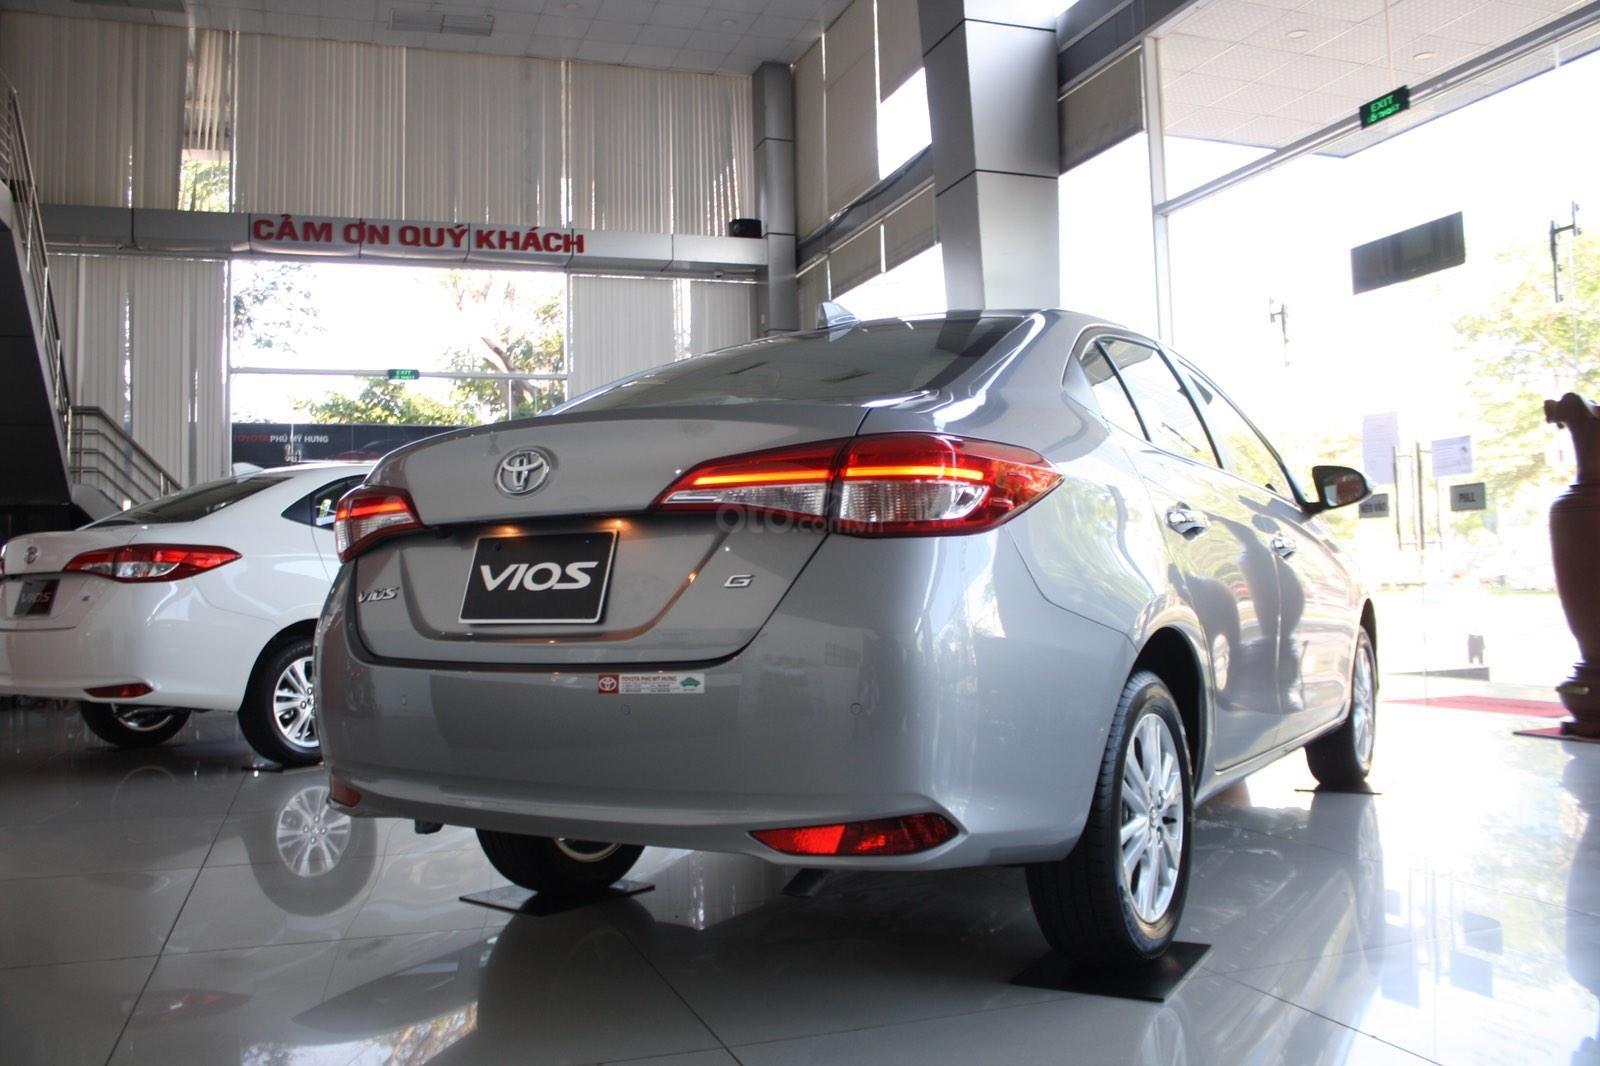 Toyota Vios G 2021, giá tốt - khuyến mãi lớn, hỗ trợ ngân hàng - lãi suất thấp (2)